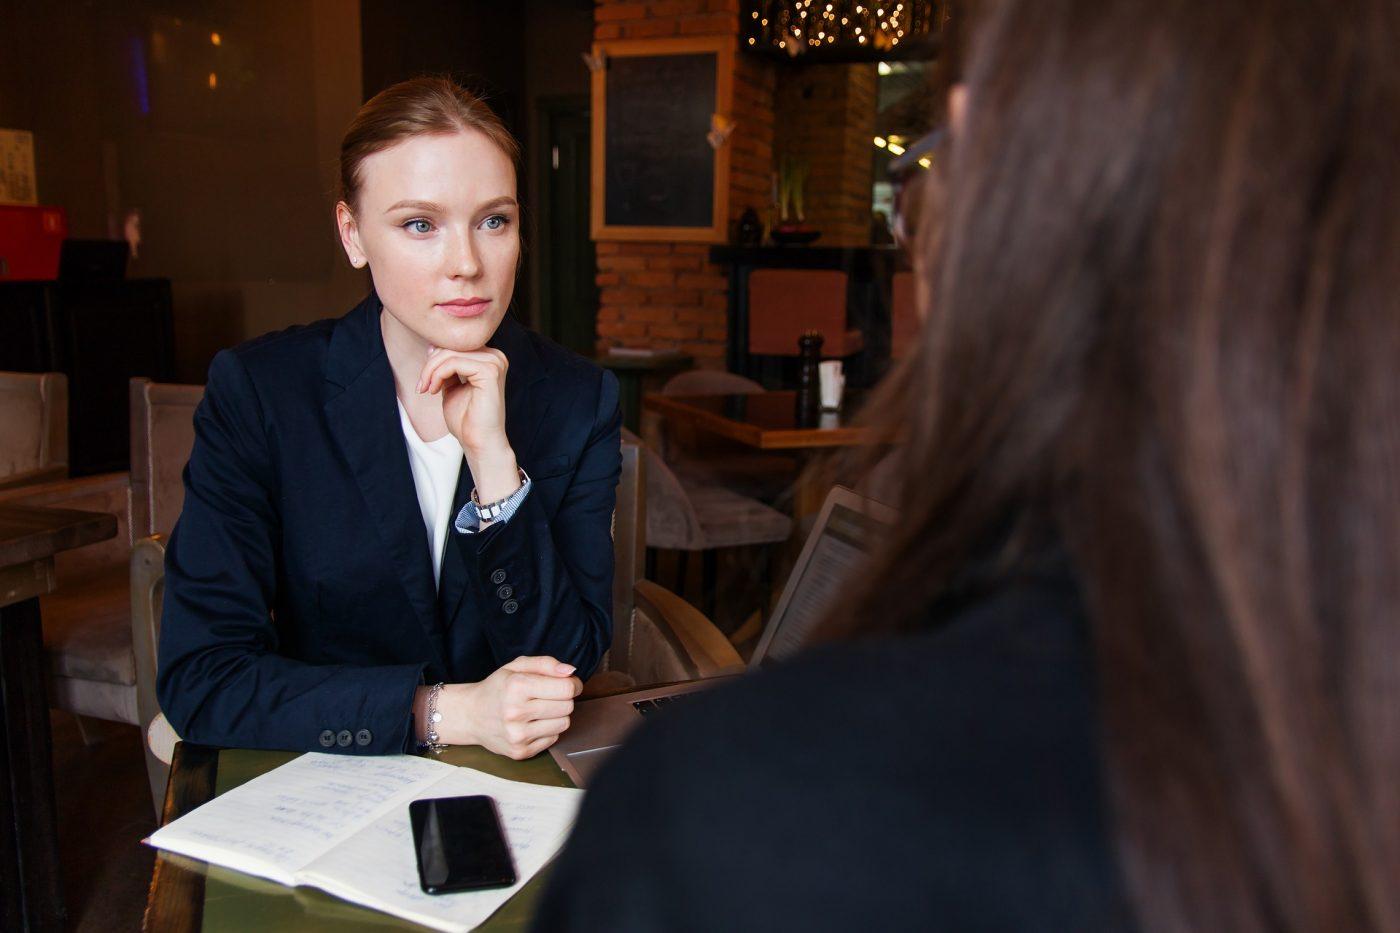 Bist du ein INFJ Persönlichkeitstyp (Der Ratgeber) ?